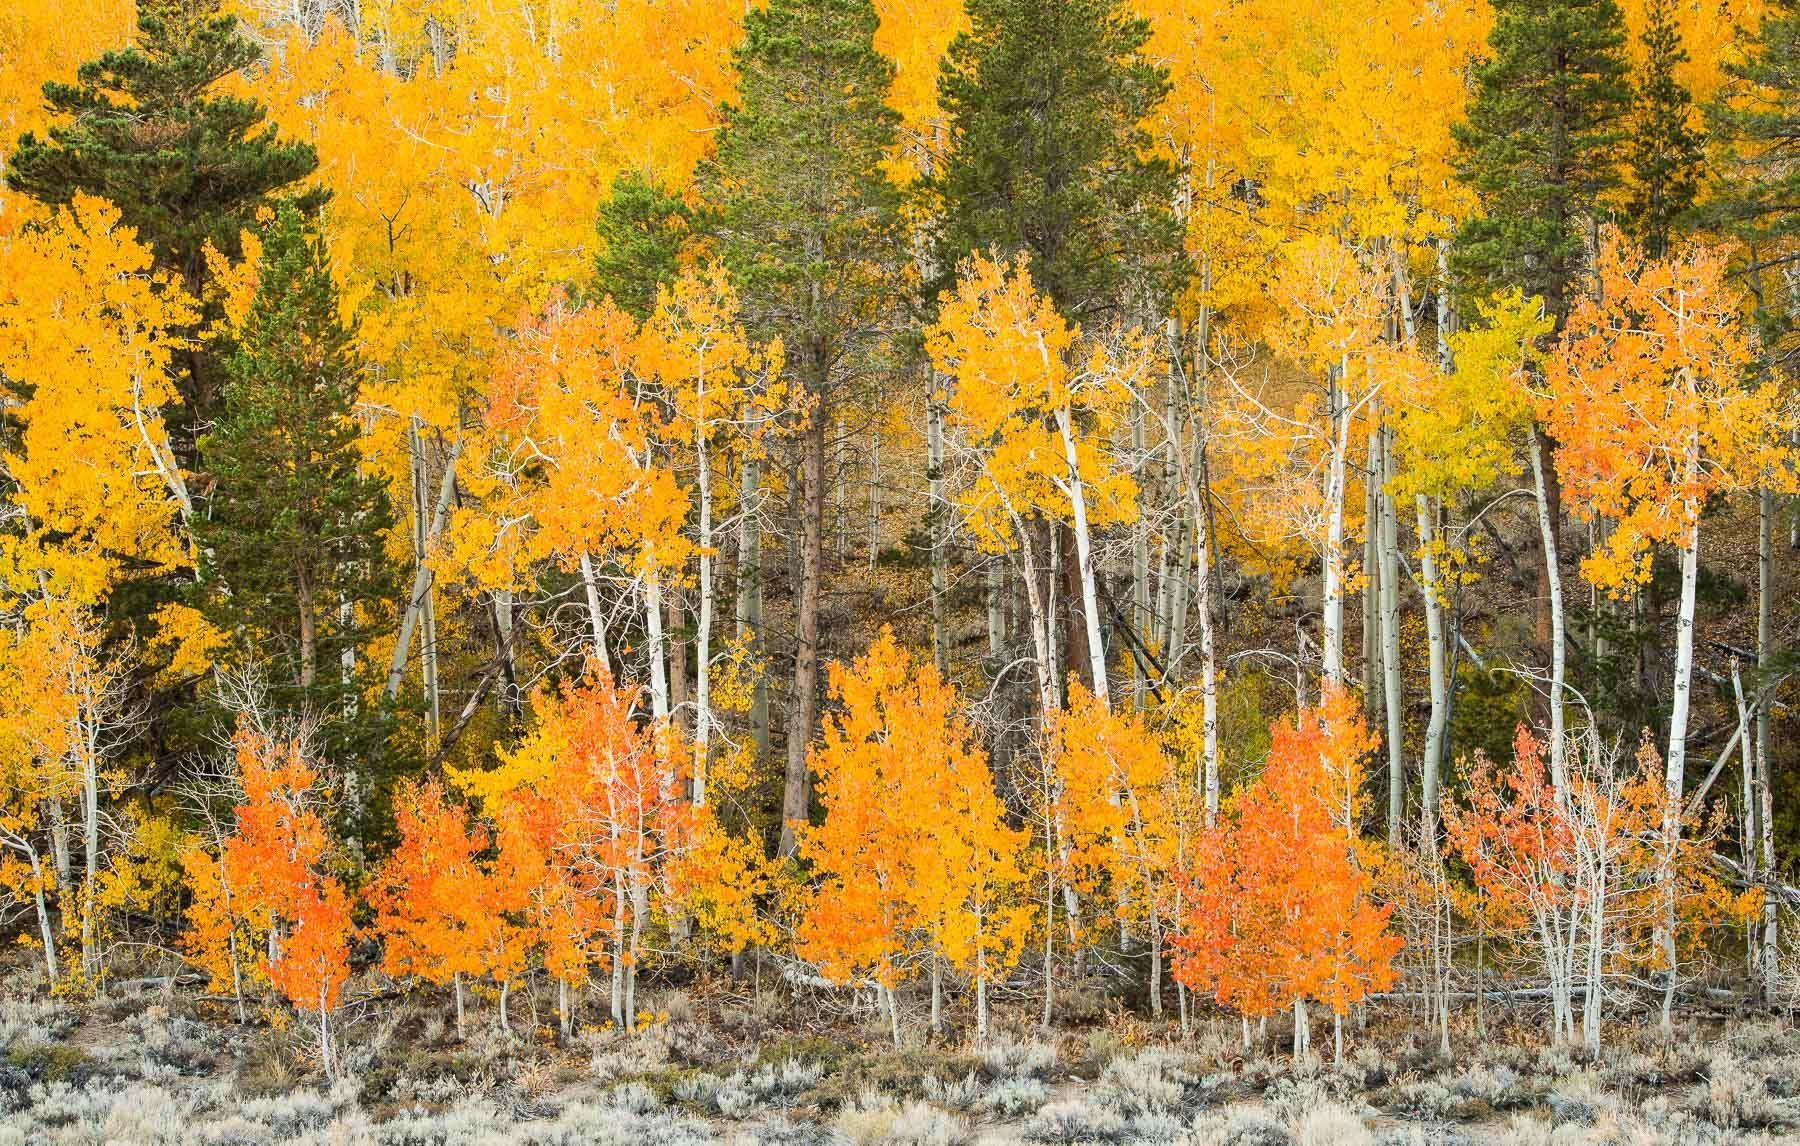 Fall Aspen in the Eastern Sierra, California